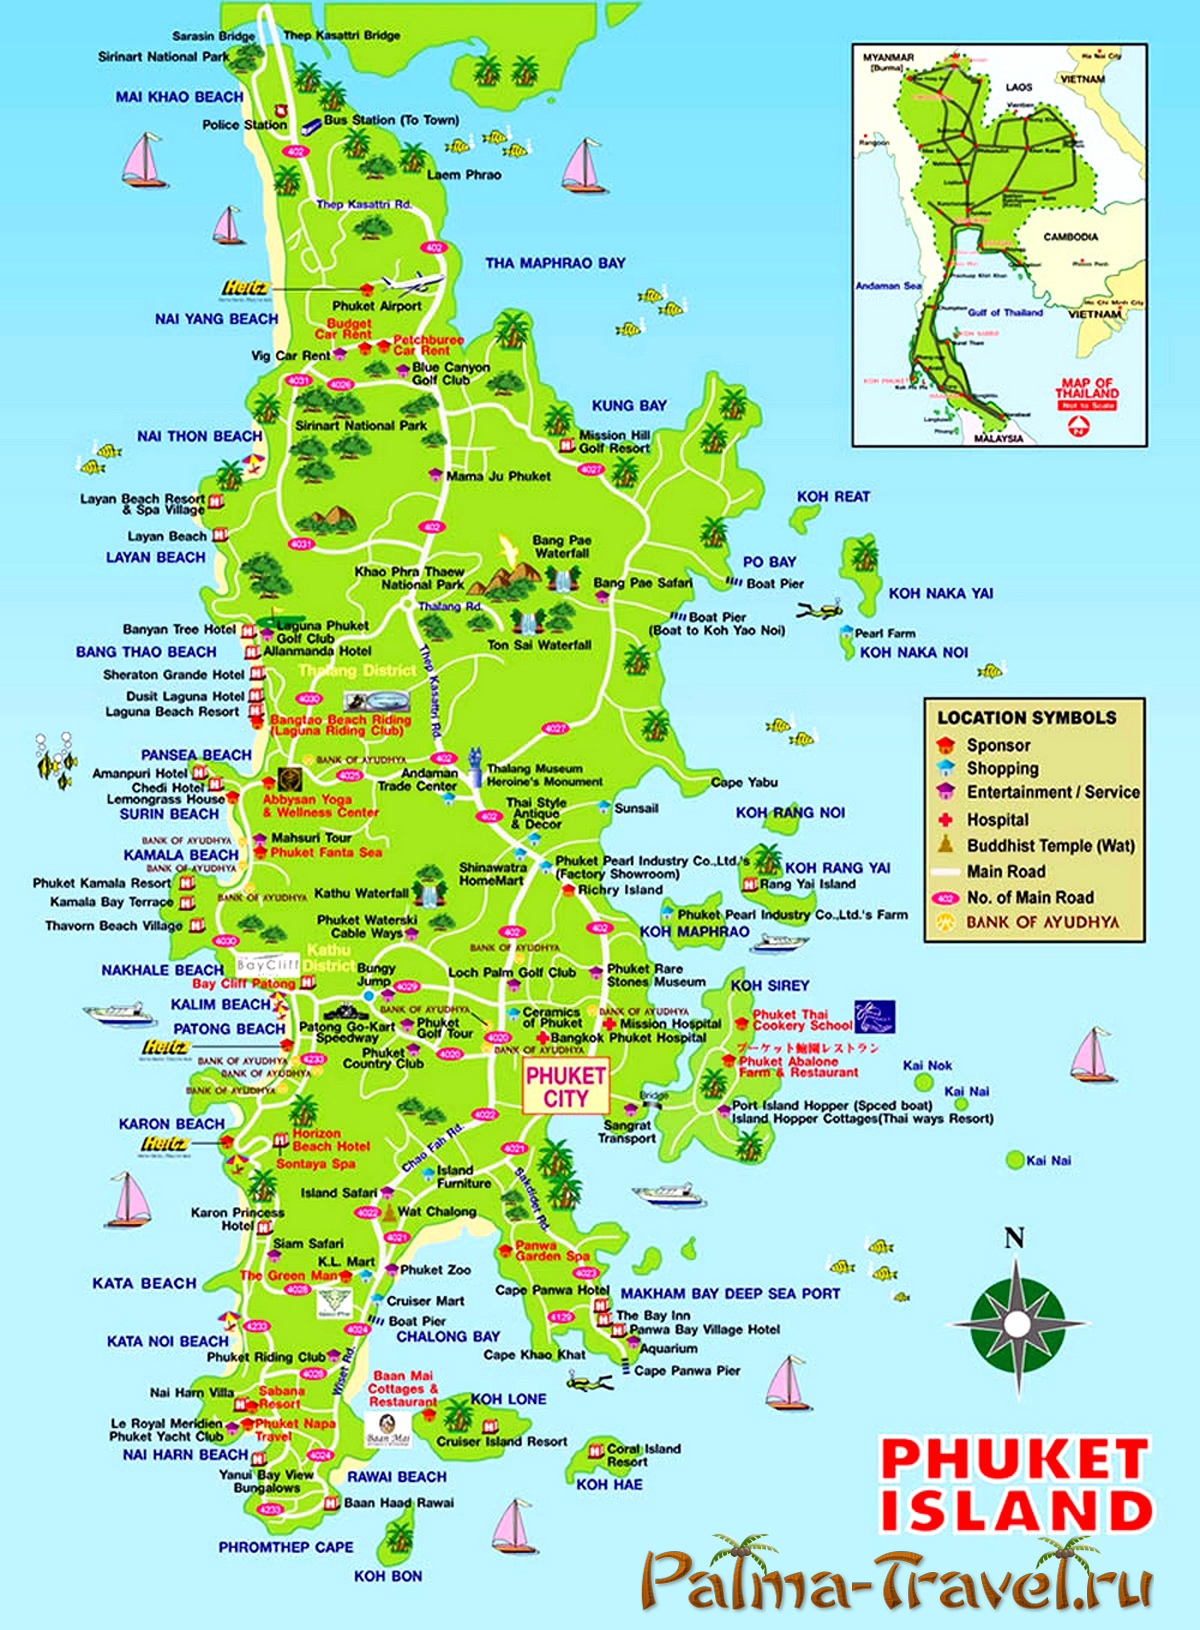 фото карта пхукет